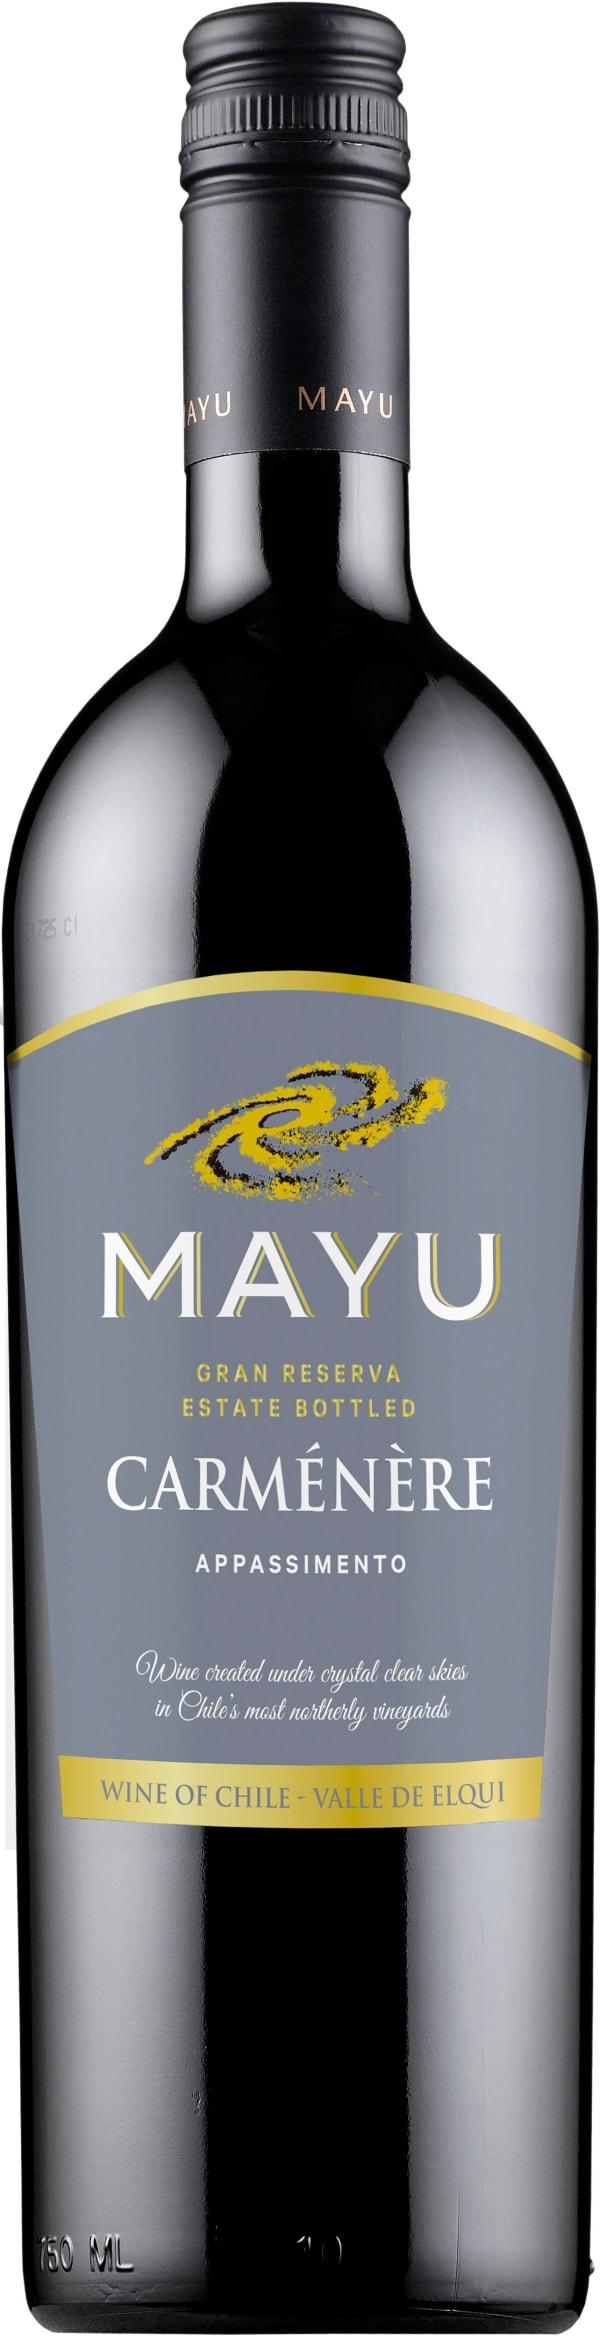 Mayu Gran Reserva Carmenere 2016 gift packaging